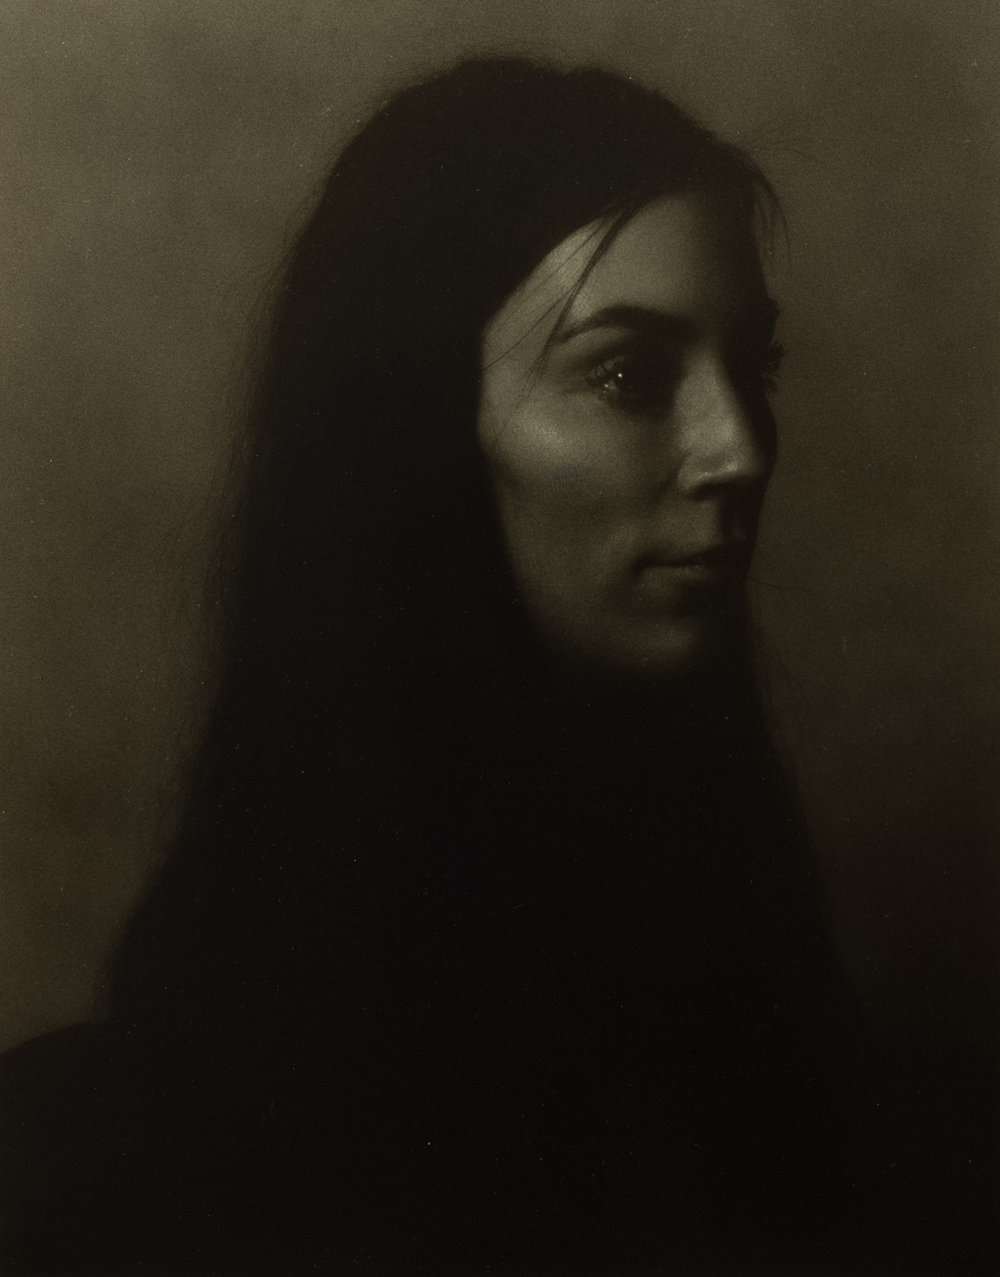 SIMON KENNEDY  Frau Ribbats  2017 silver gelatin print 20.3 ×25.4 cm 63 × 51.5 cm (framed)